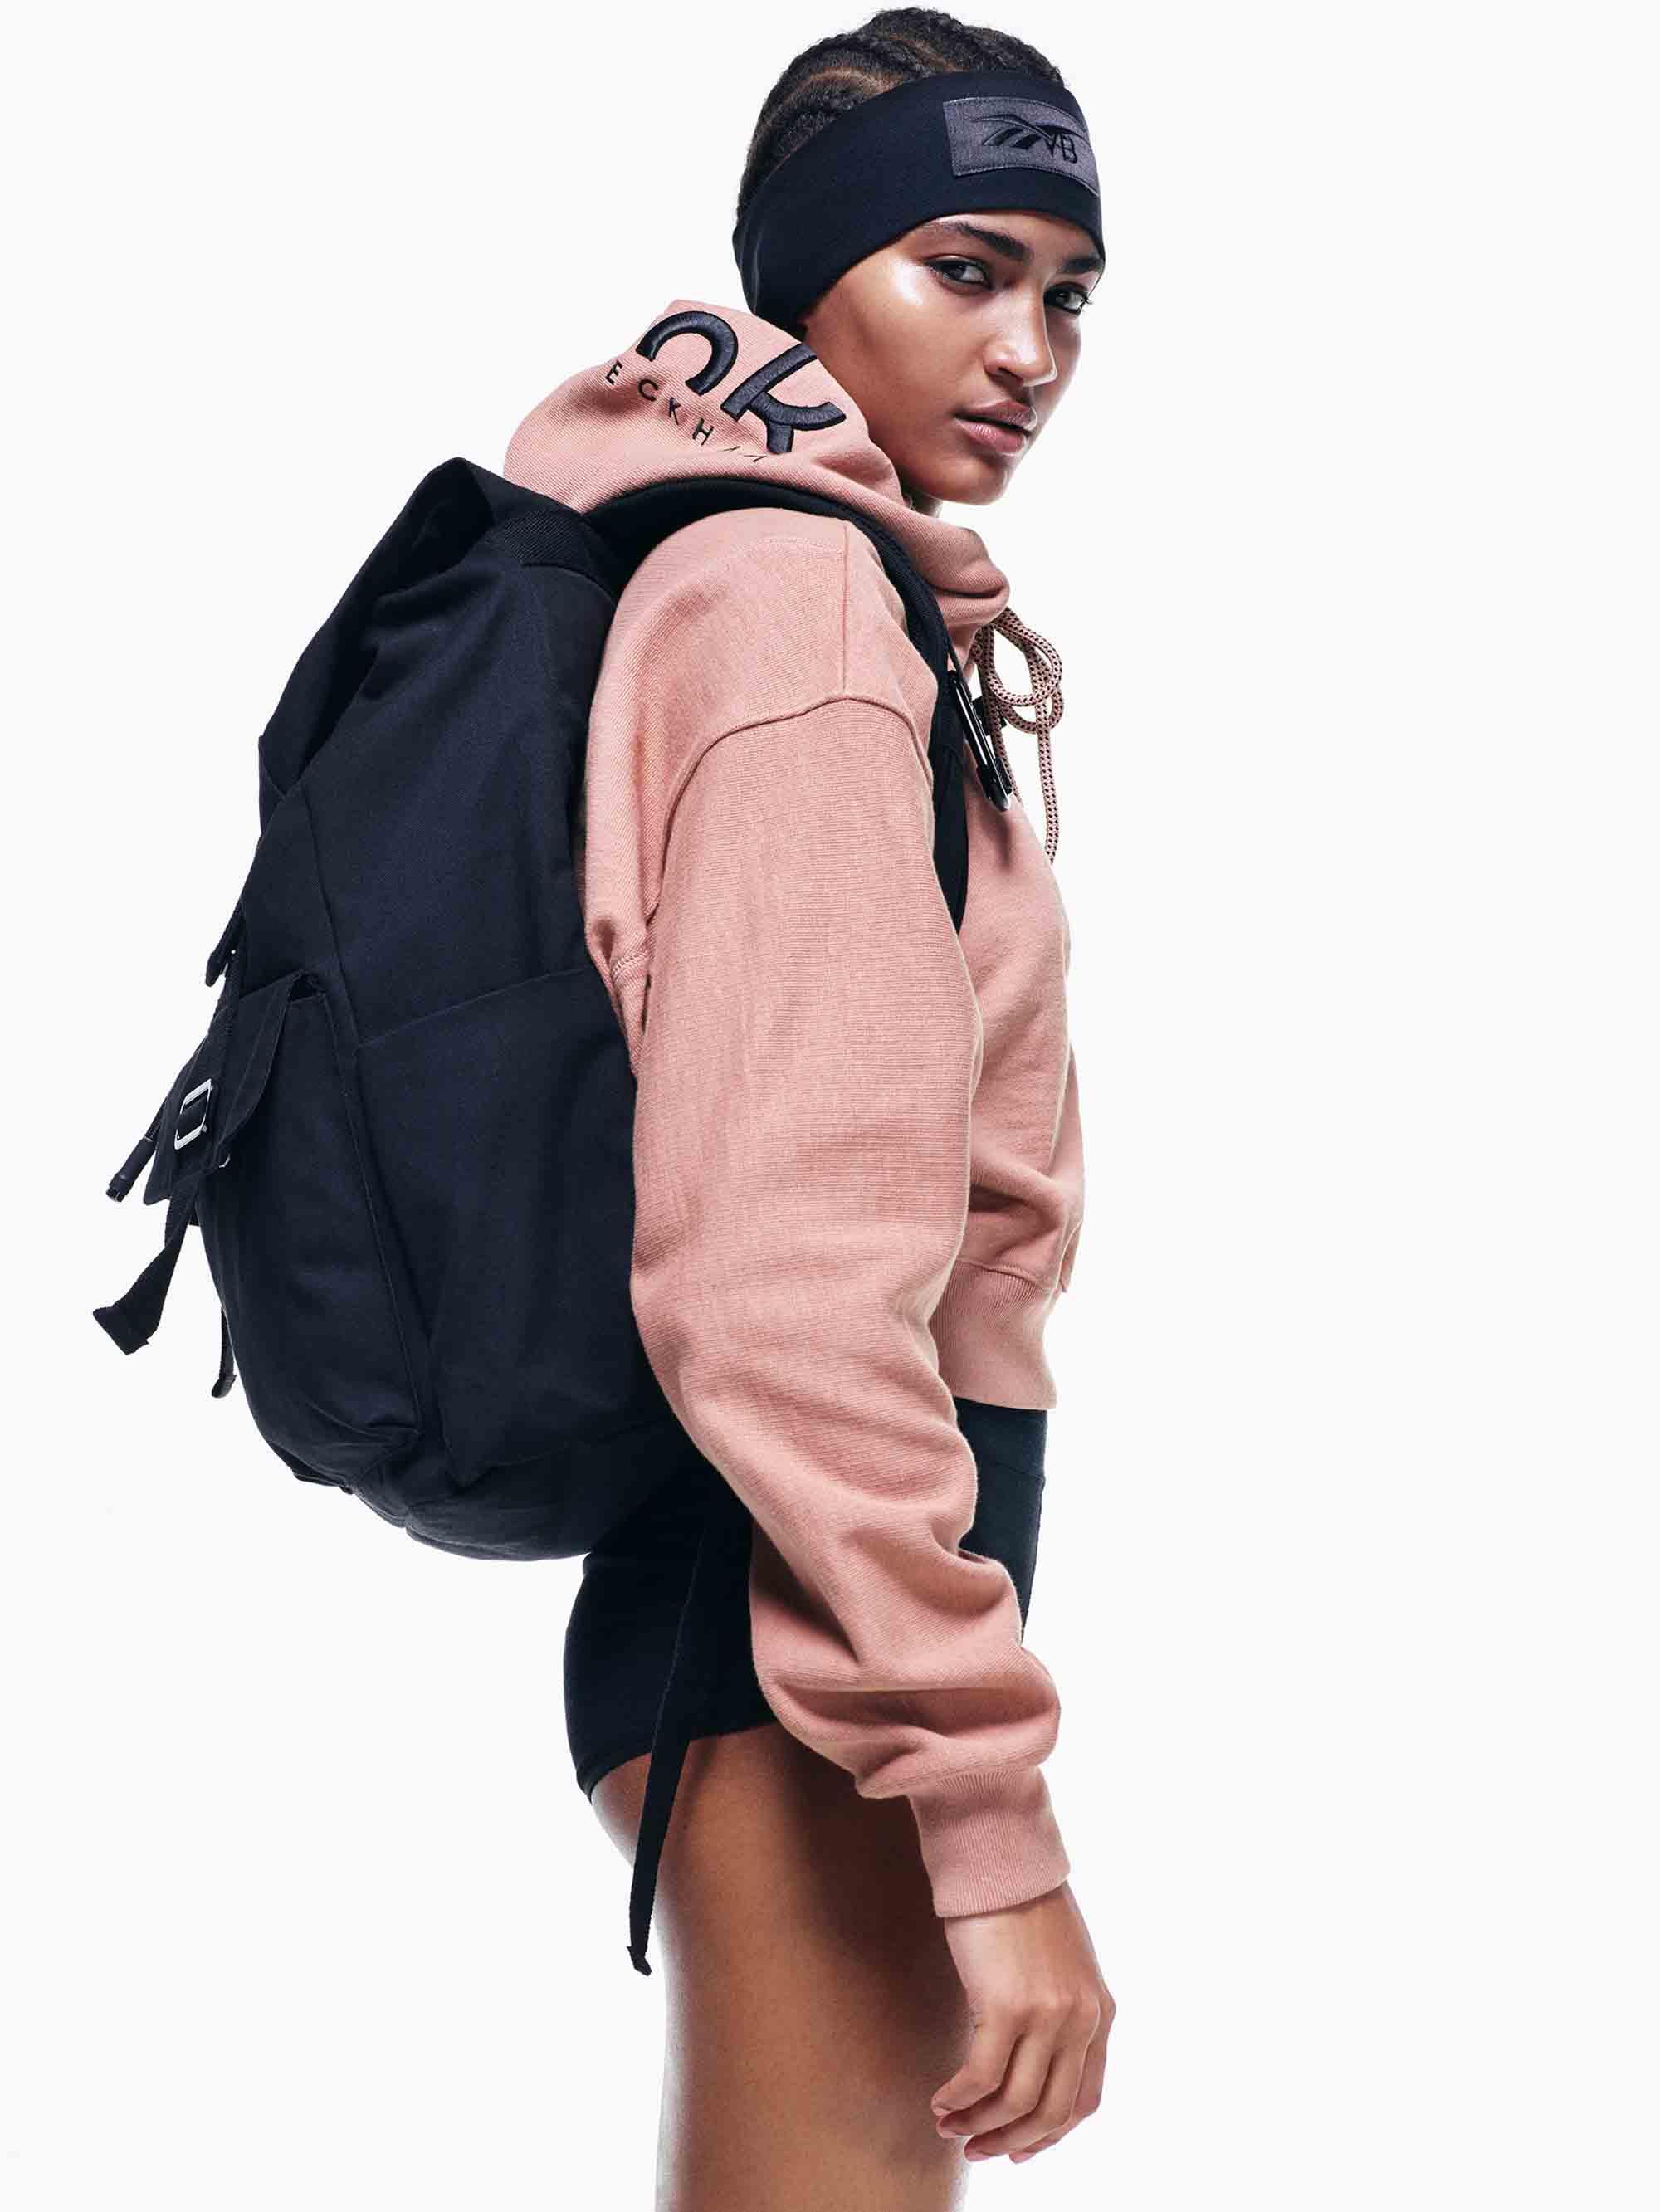 ויקטוריה בקהאם ו REEBOK - מגזין אופנה - Fashion Israel - קולרציית אופנה